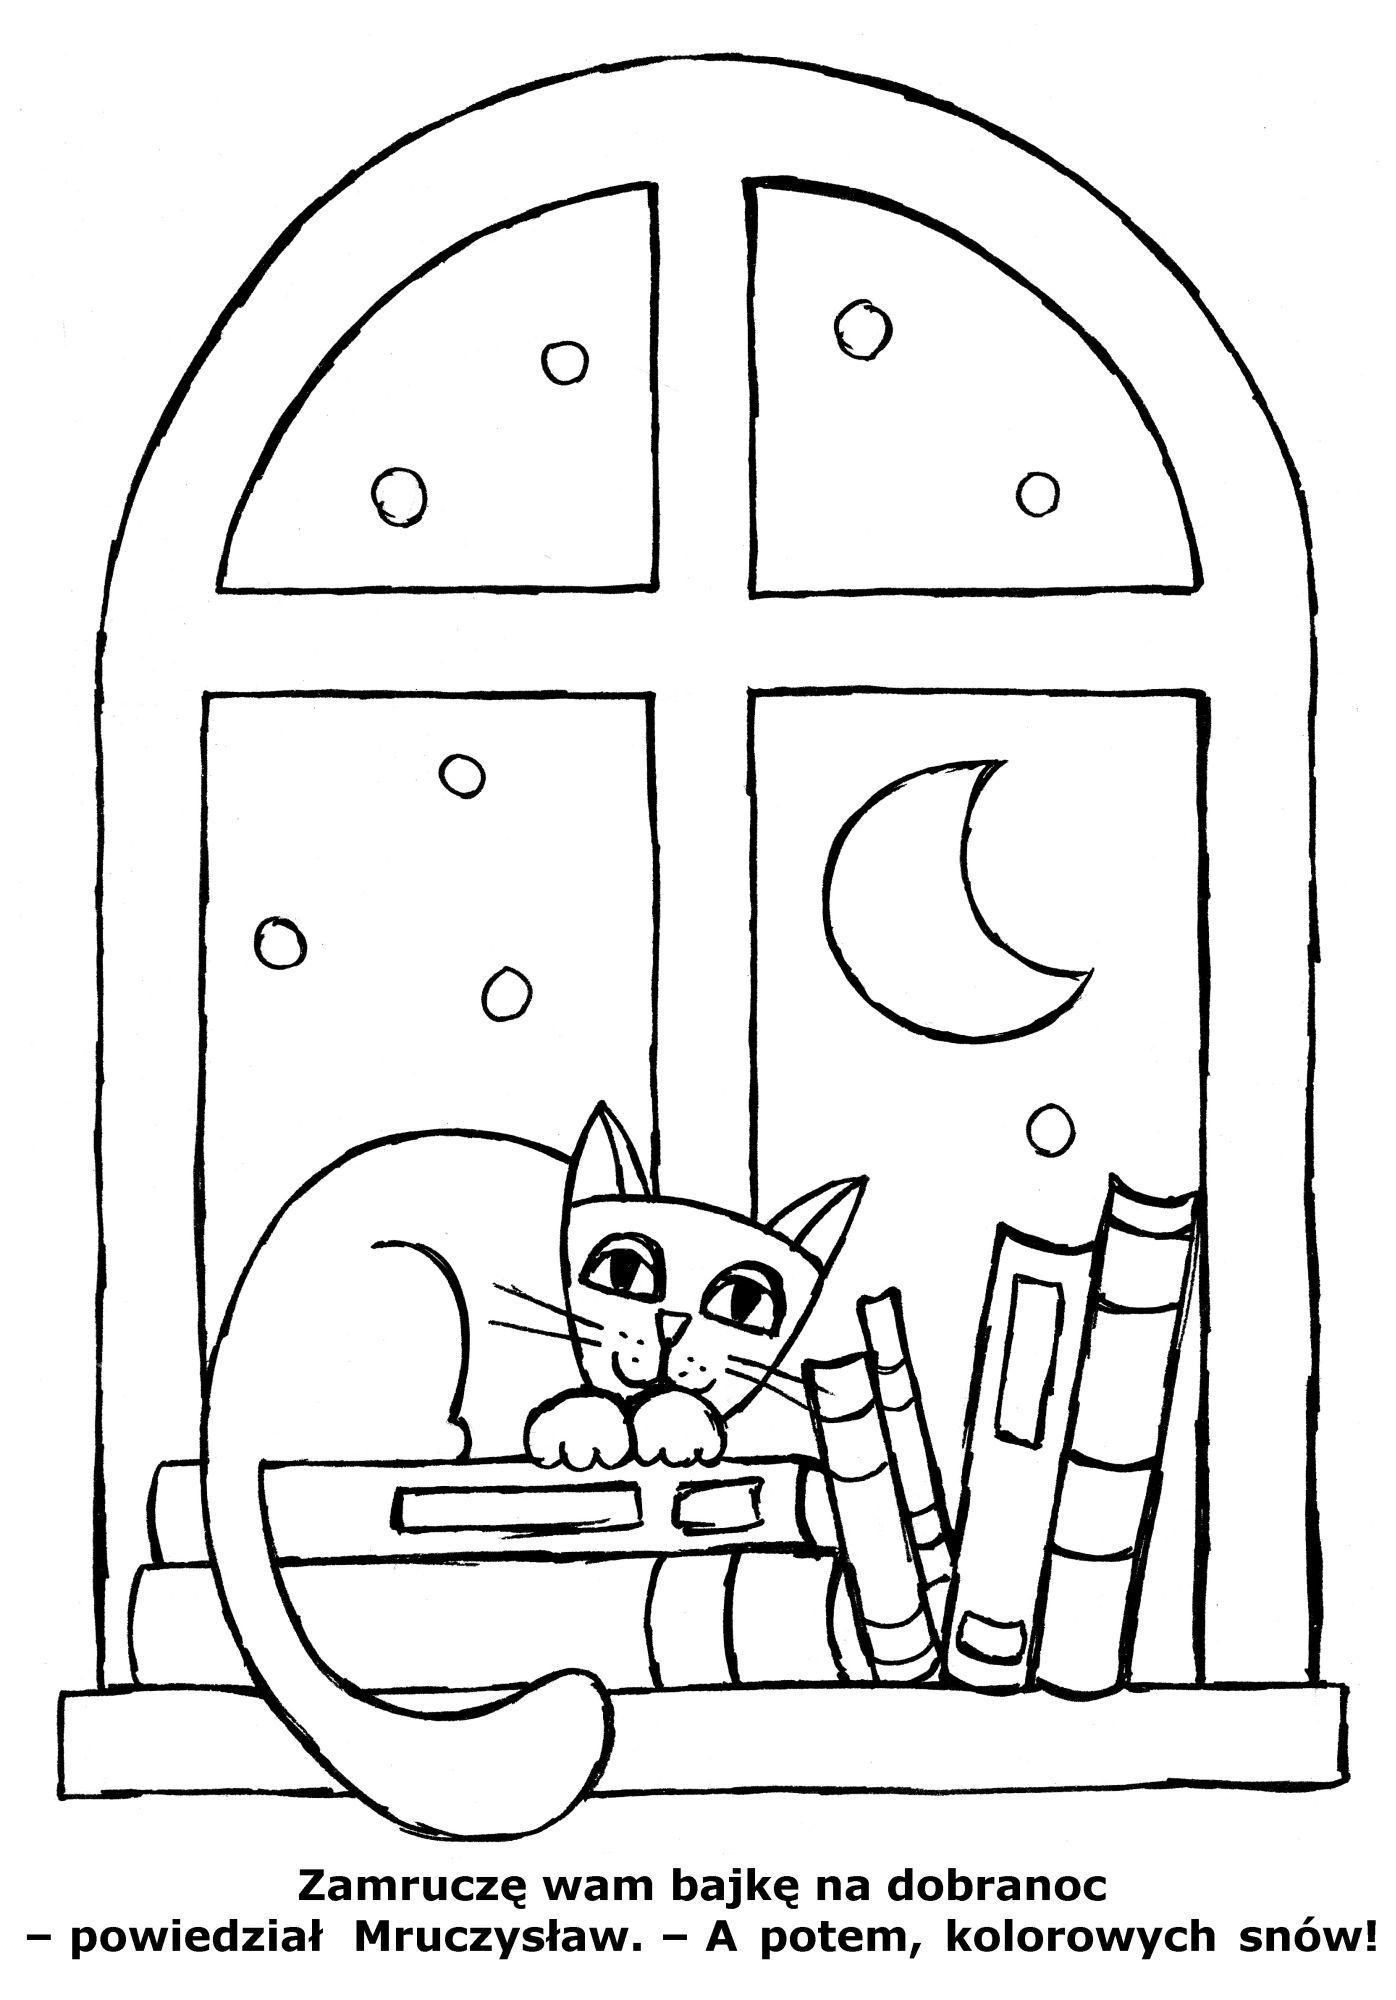 Piekne Rysunki Artystki Ewy Rynskiej Opatrzone Tekstami Blogerki I Copywriterki Ewy Piorko Zostaly Przygotowane Specjalnie Dla Fundac Coloring Pages Comics Art